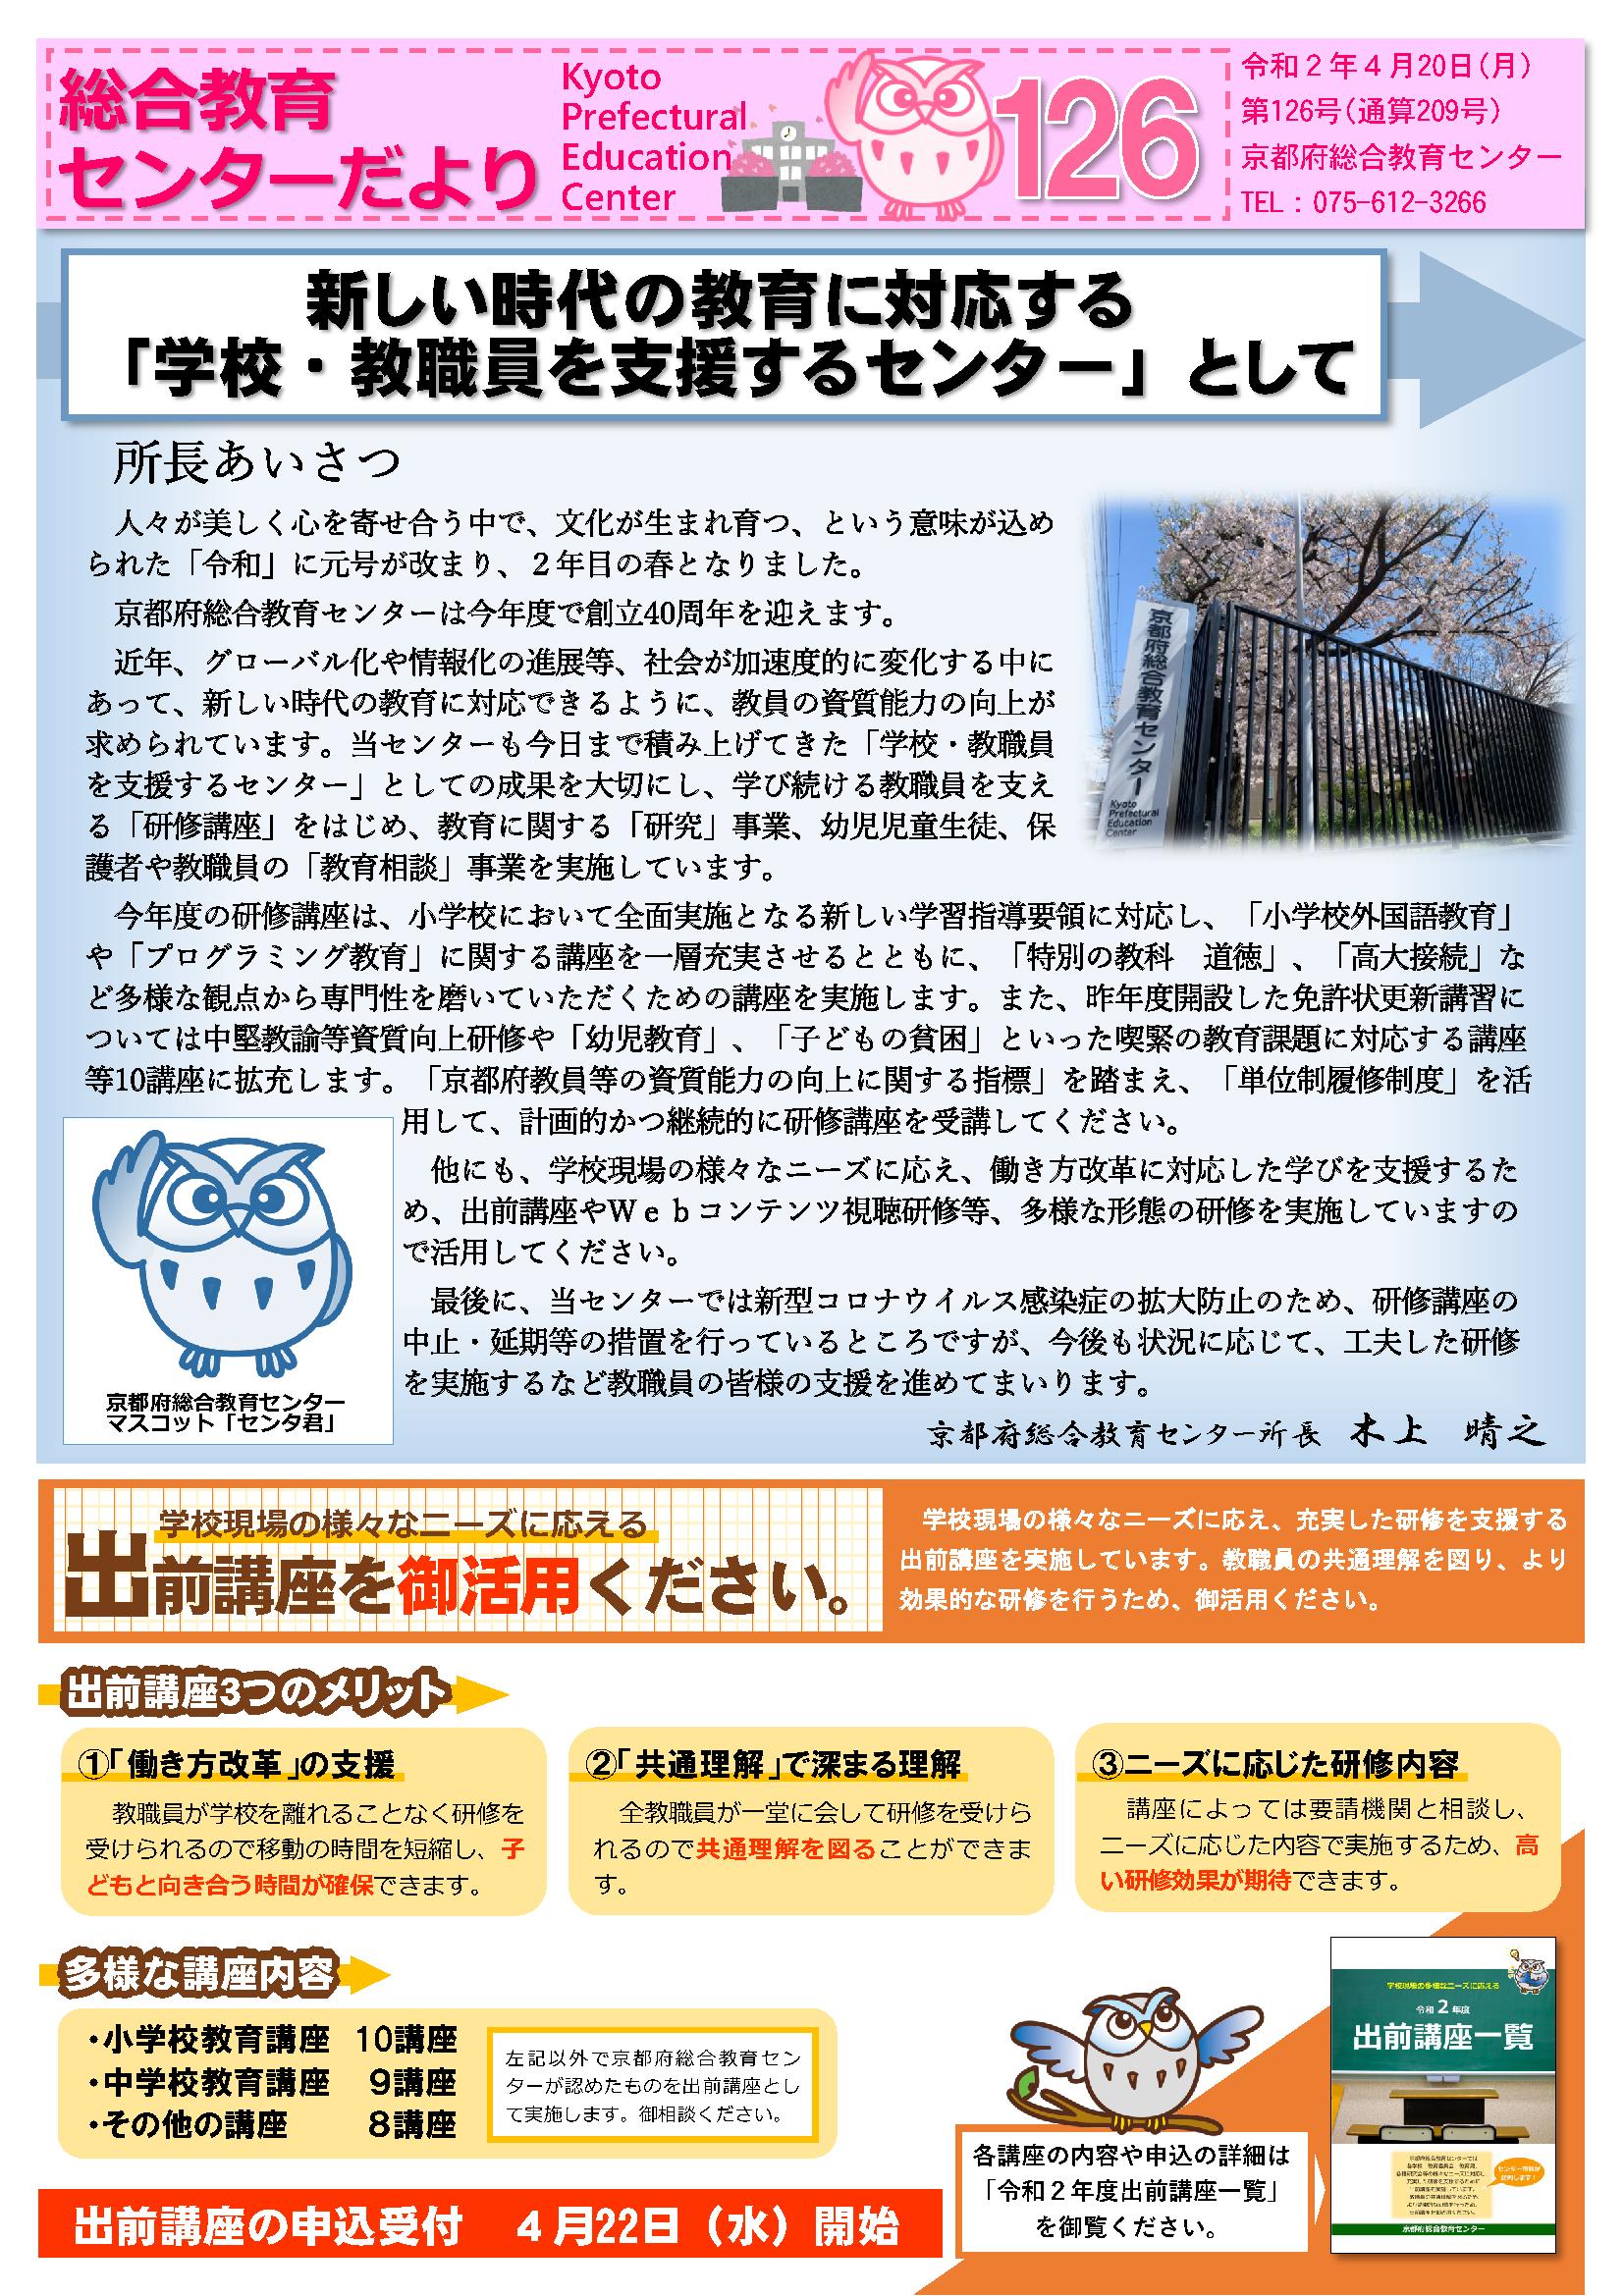 京都 府 総合 教育 センター